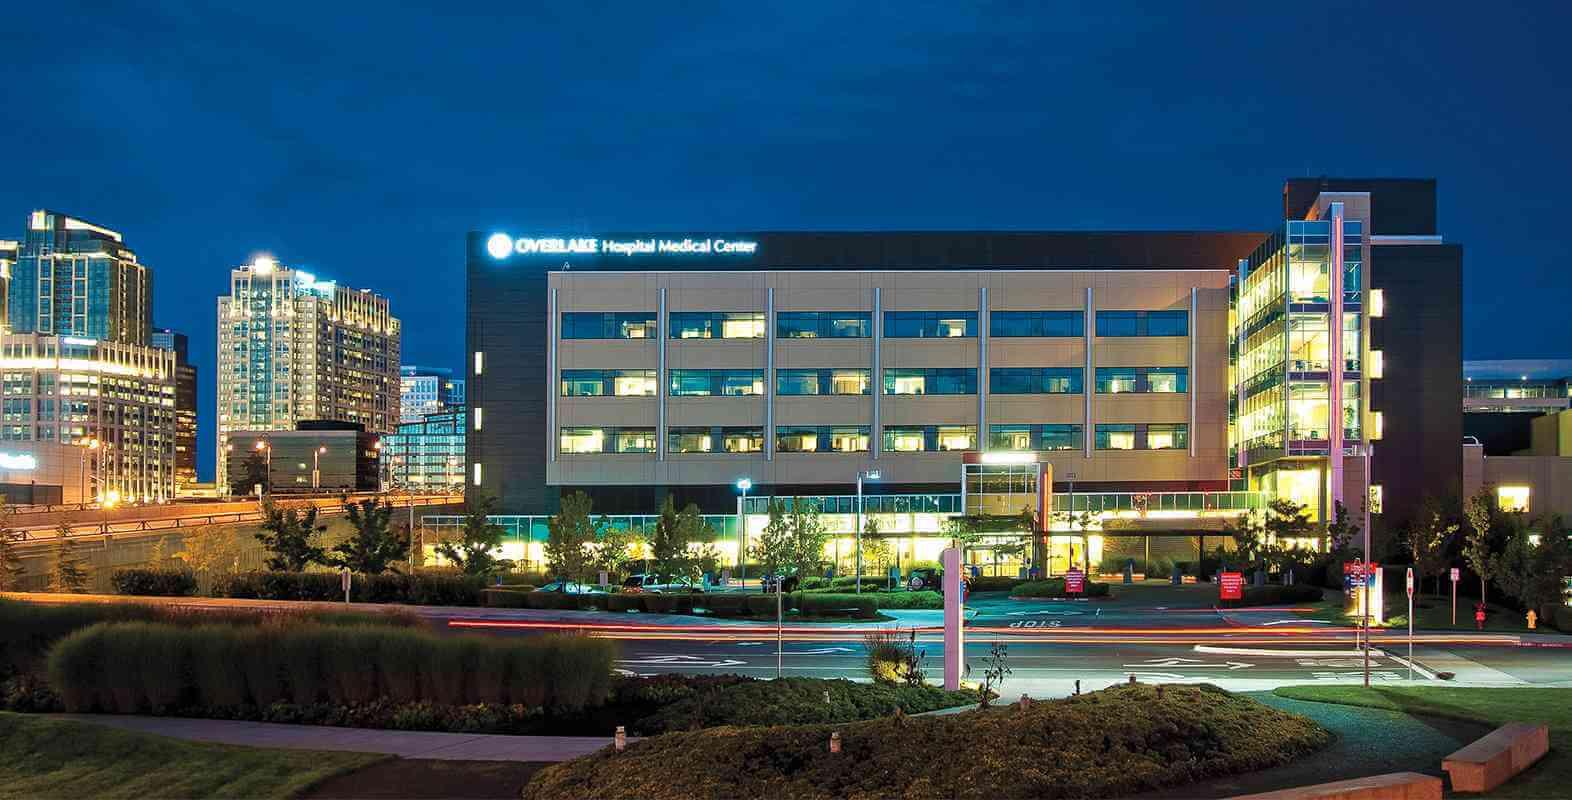 Digestive Health Center | Overlake Medical Center